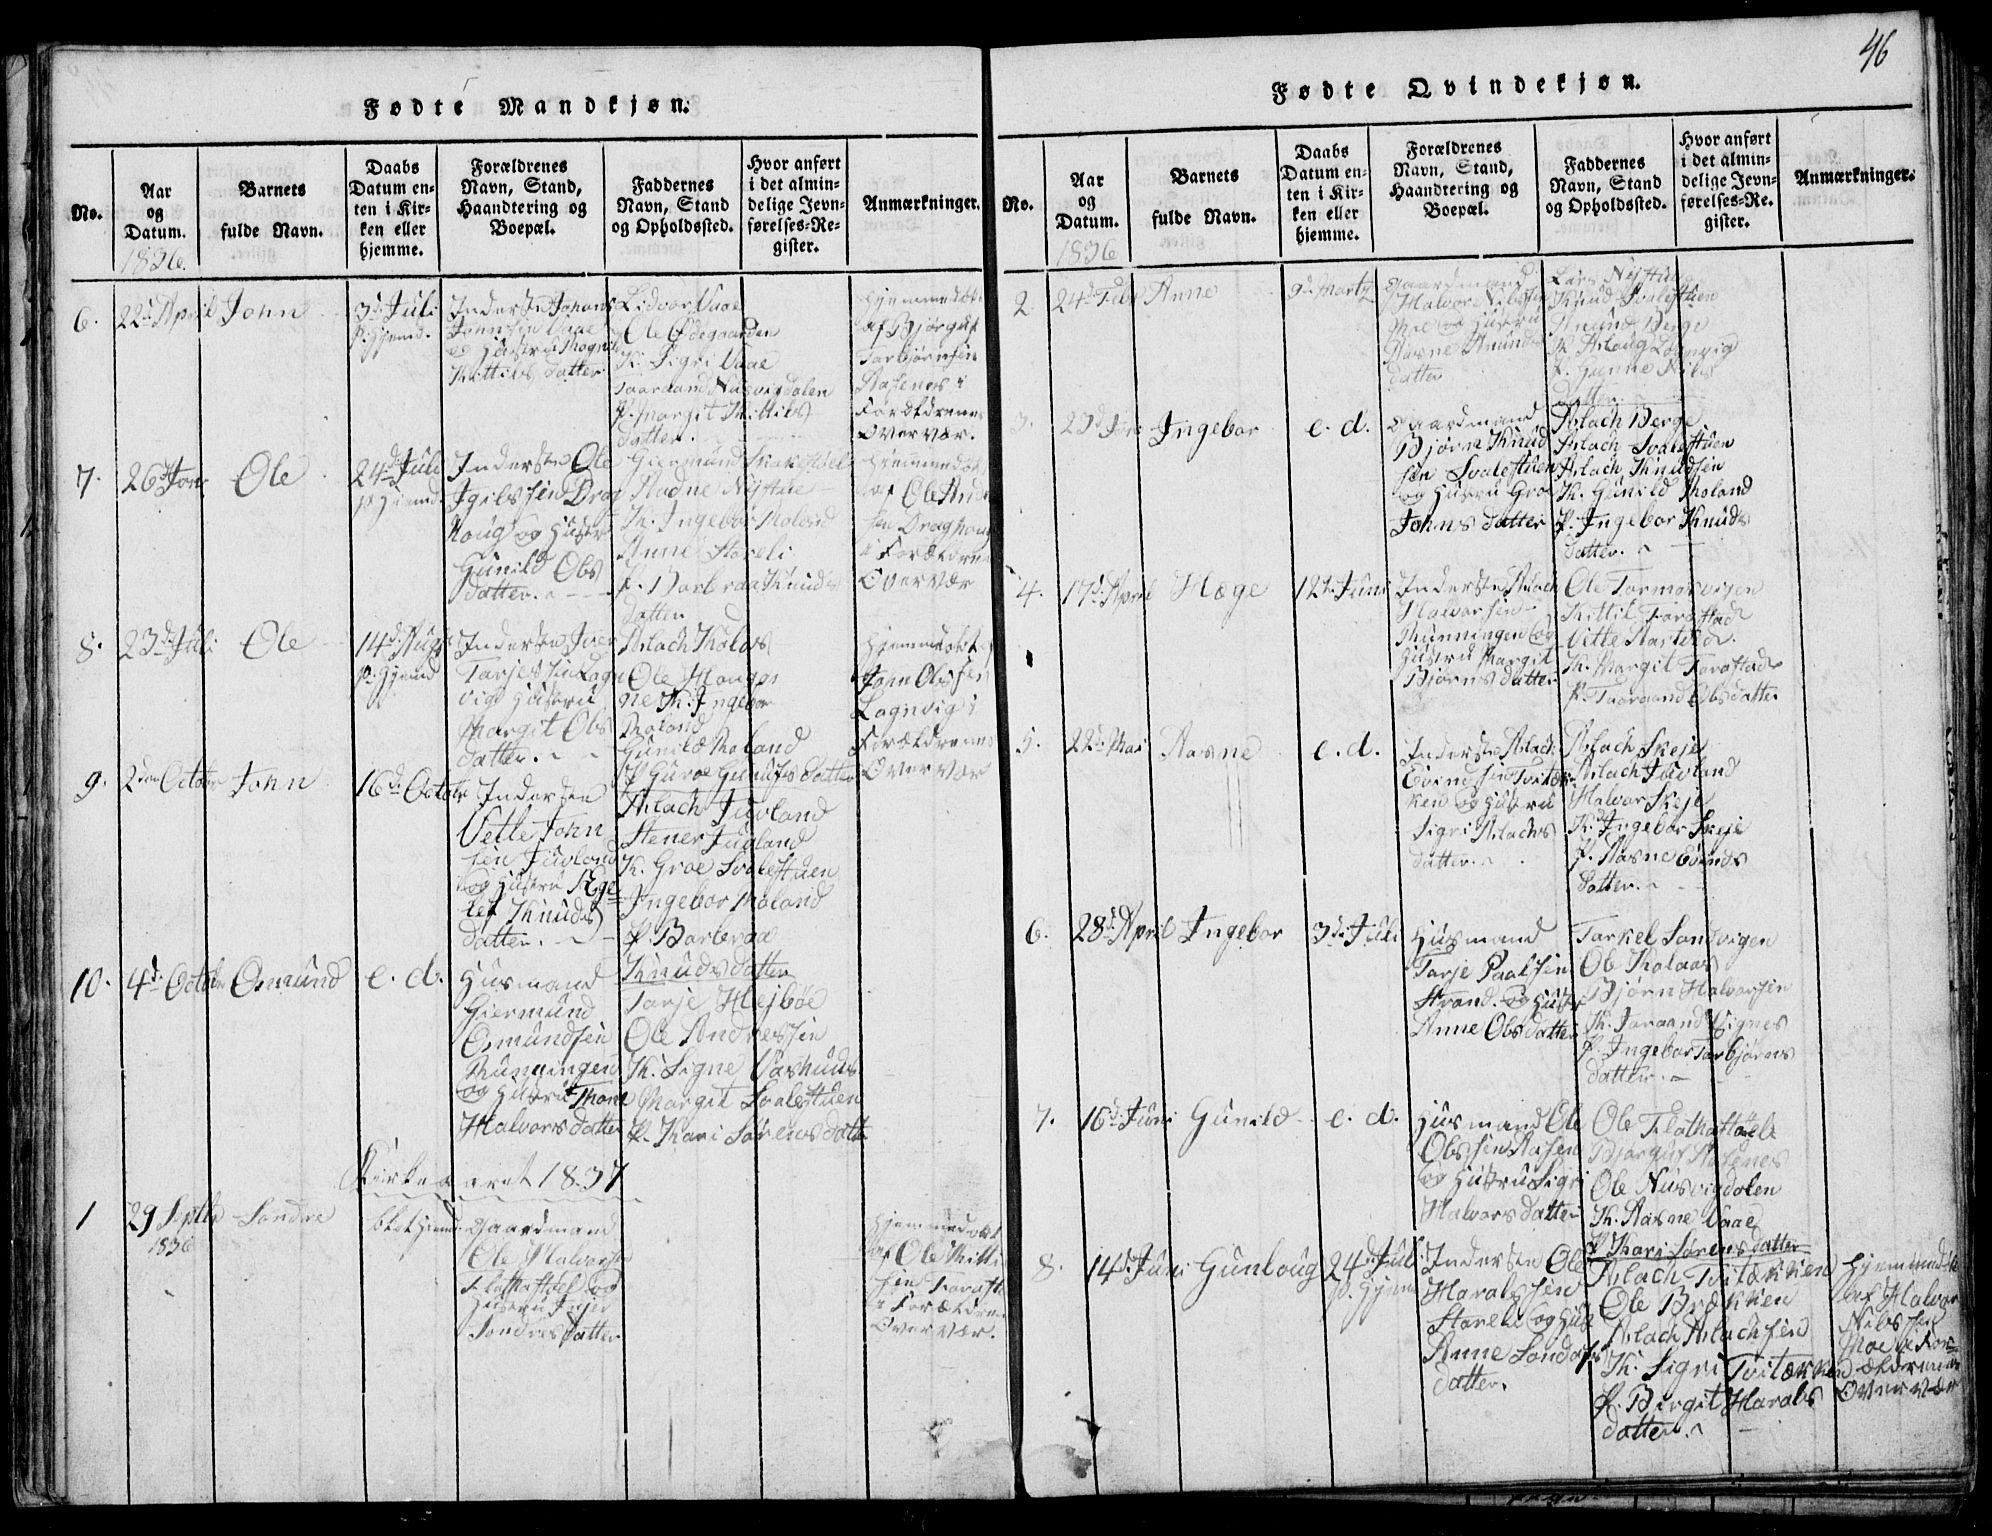 SAKO, Rauland kirkebøker, G/Ga/L0001: Klokkerbok nr. I 1, 1814-1843, s. 46